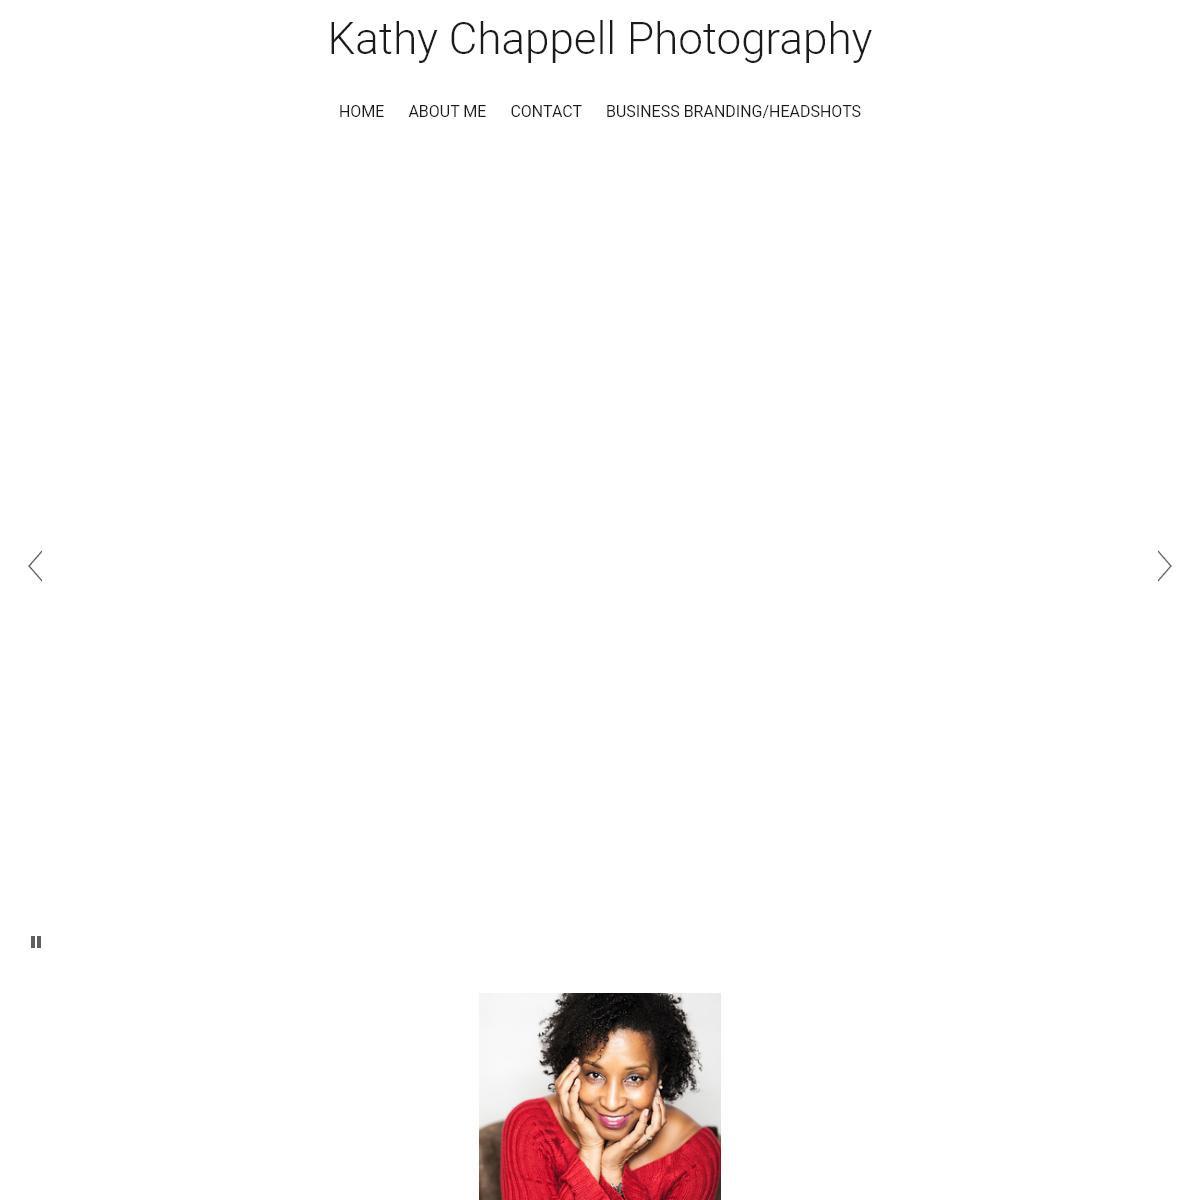 KathyChappellPhotography